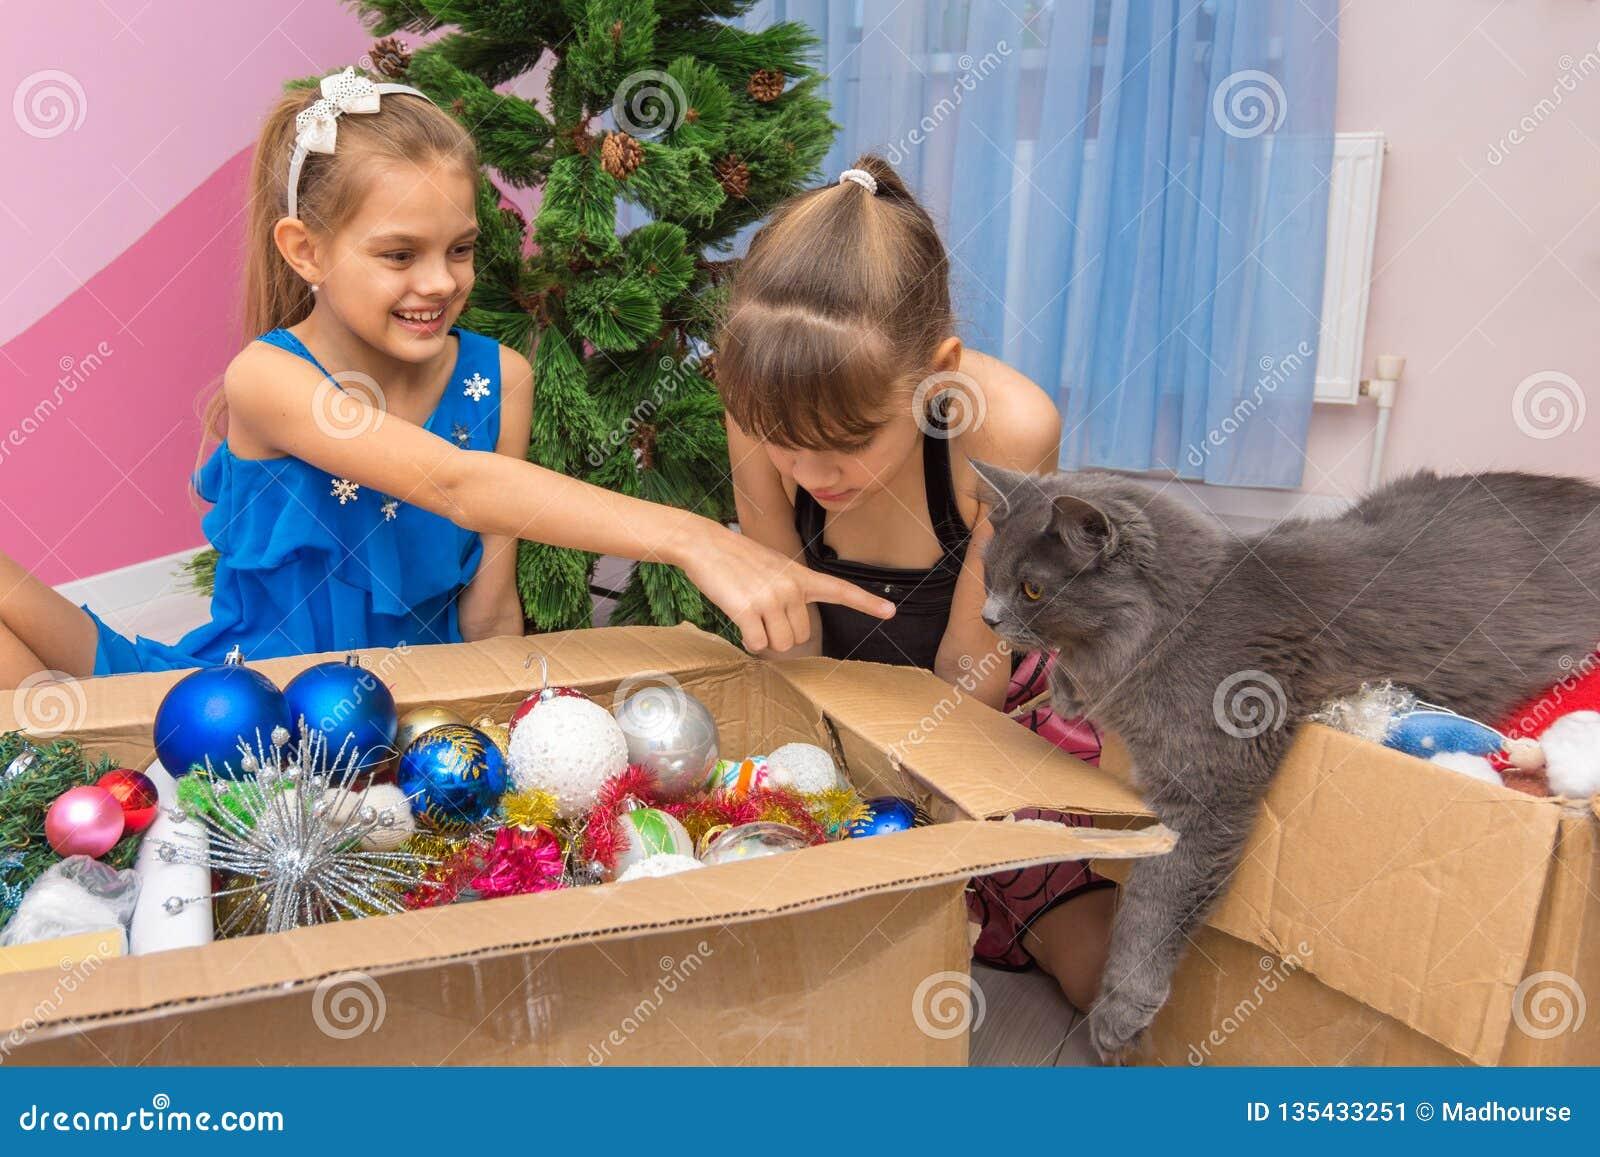 Η γάτα σπιτιών ήρθε να εξετάσει τις διακοσμήσεις χριστουγεννιάτικων δέντρων στο κιβώτιο, το κορίτσι παρουσιάζει ένα δάχτυλο στη γ